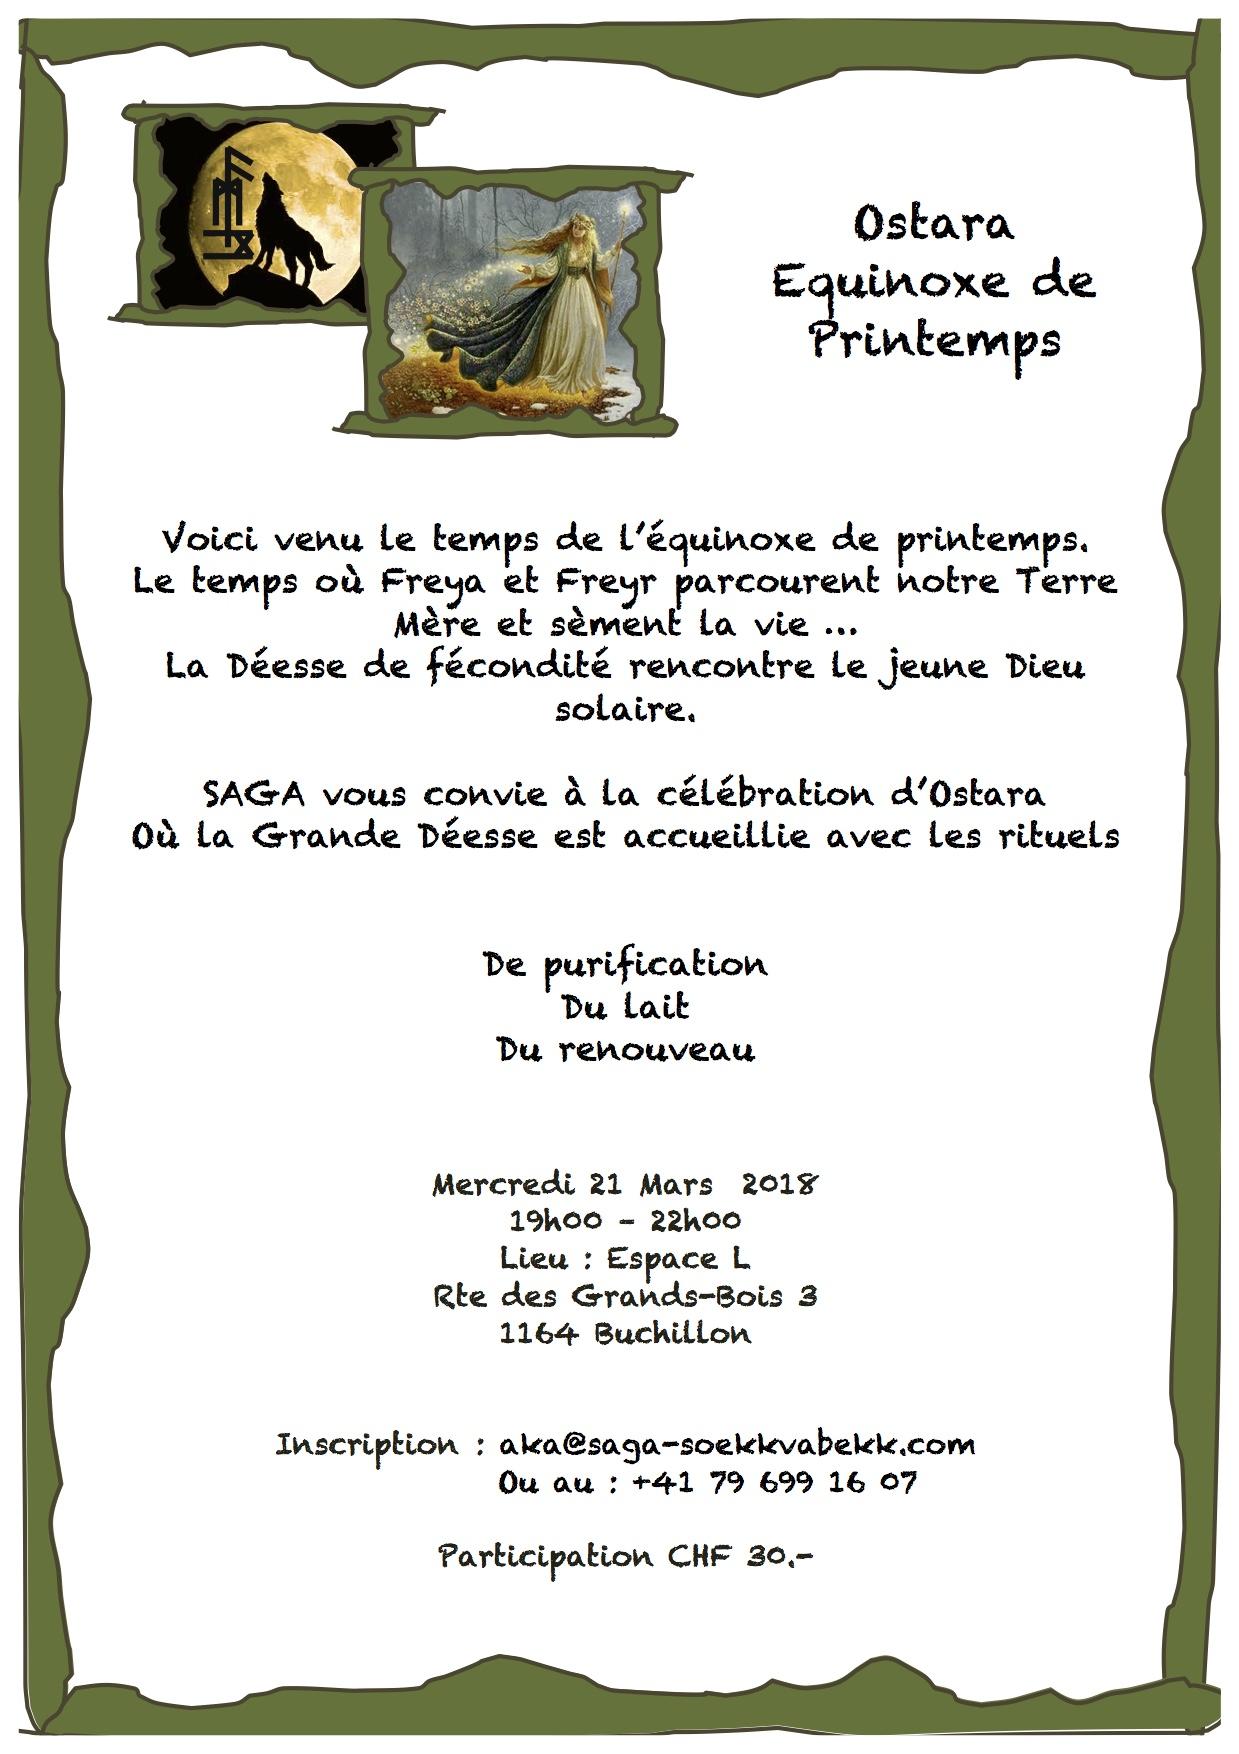 21.03.2018, Buchillon, Espace L, cérémonie d'Equinoxe de printemps